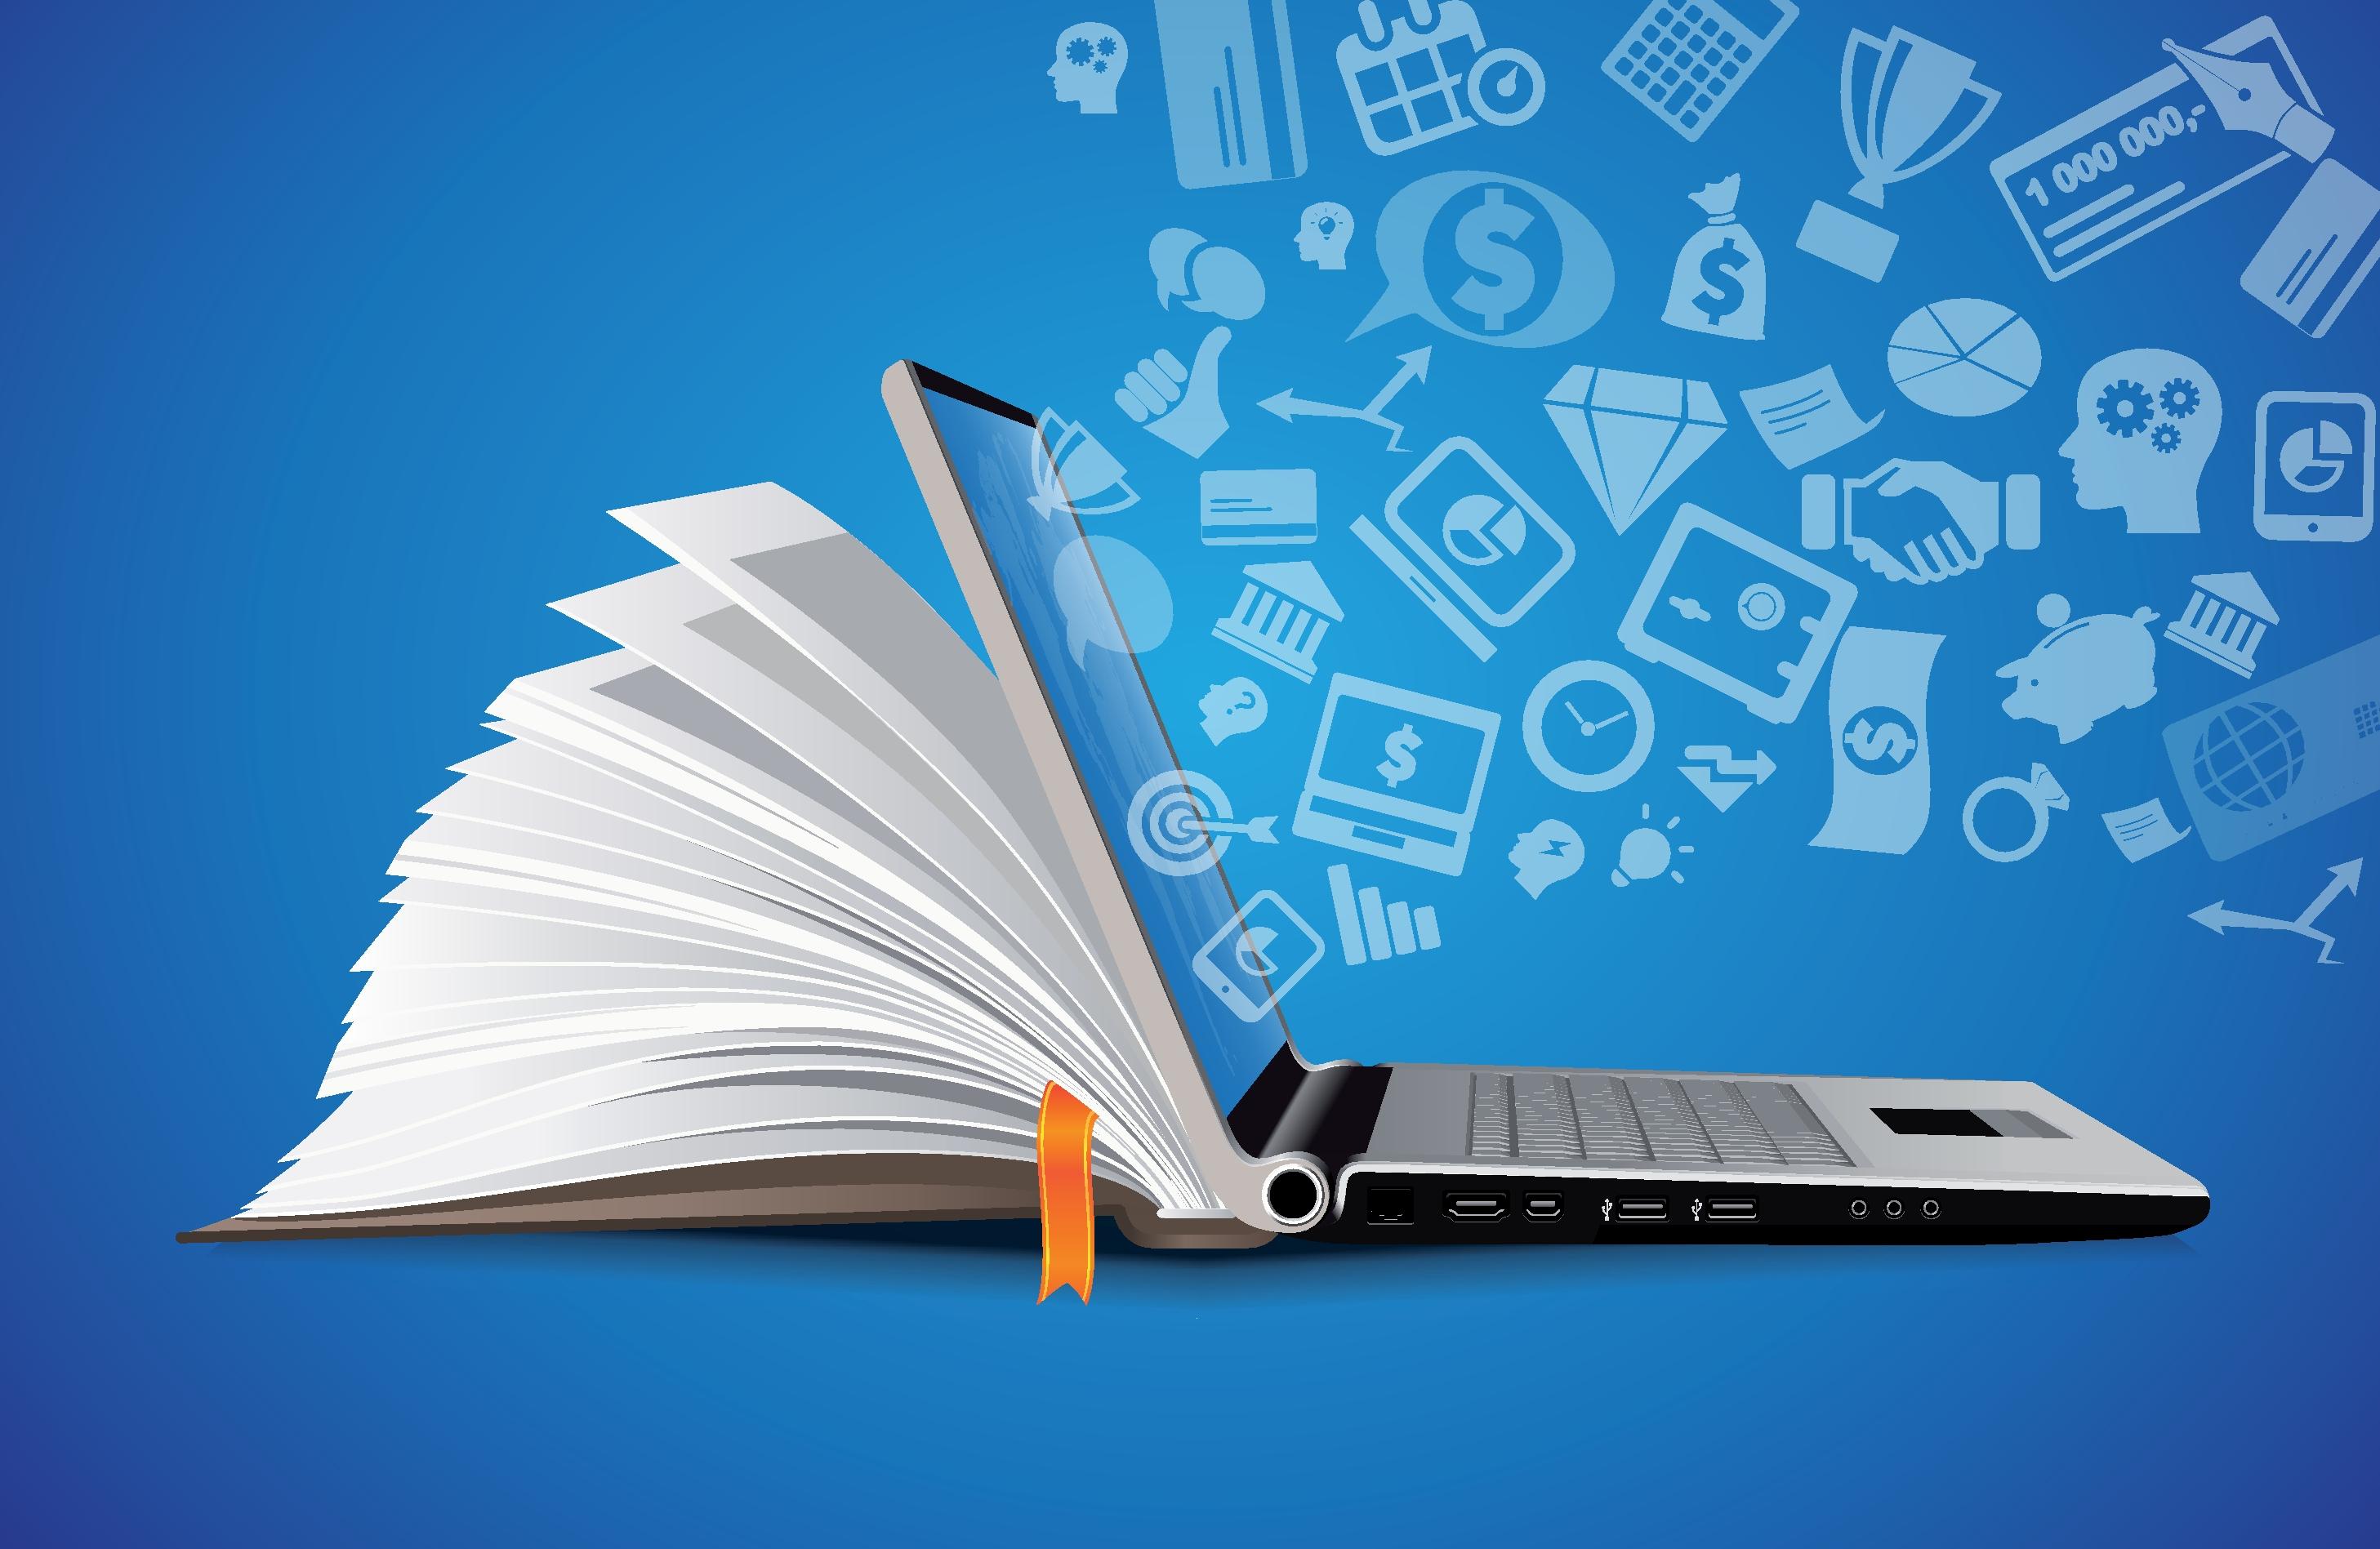 Curso Online Gratis 58 Sites Que Oferecem Cursos Online E Gratuitos Com Certificado Guia Do Estudante